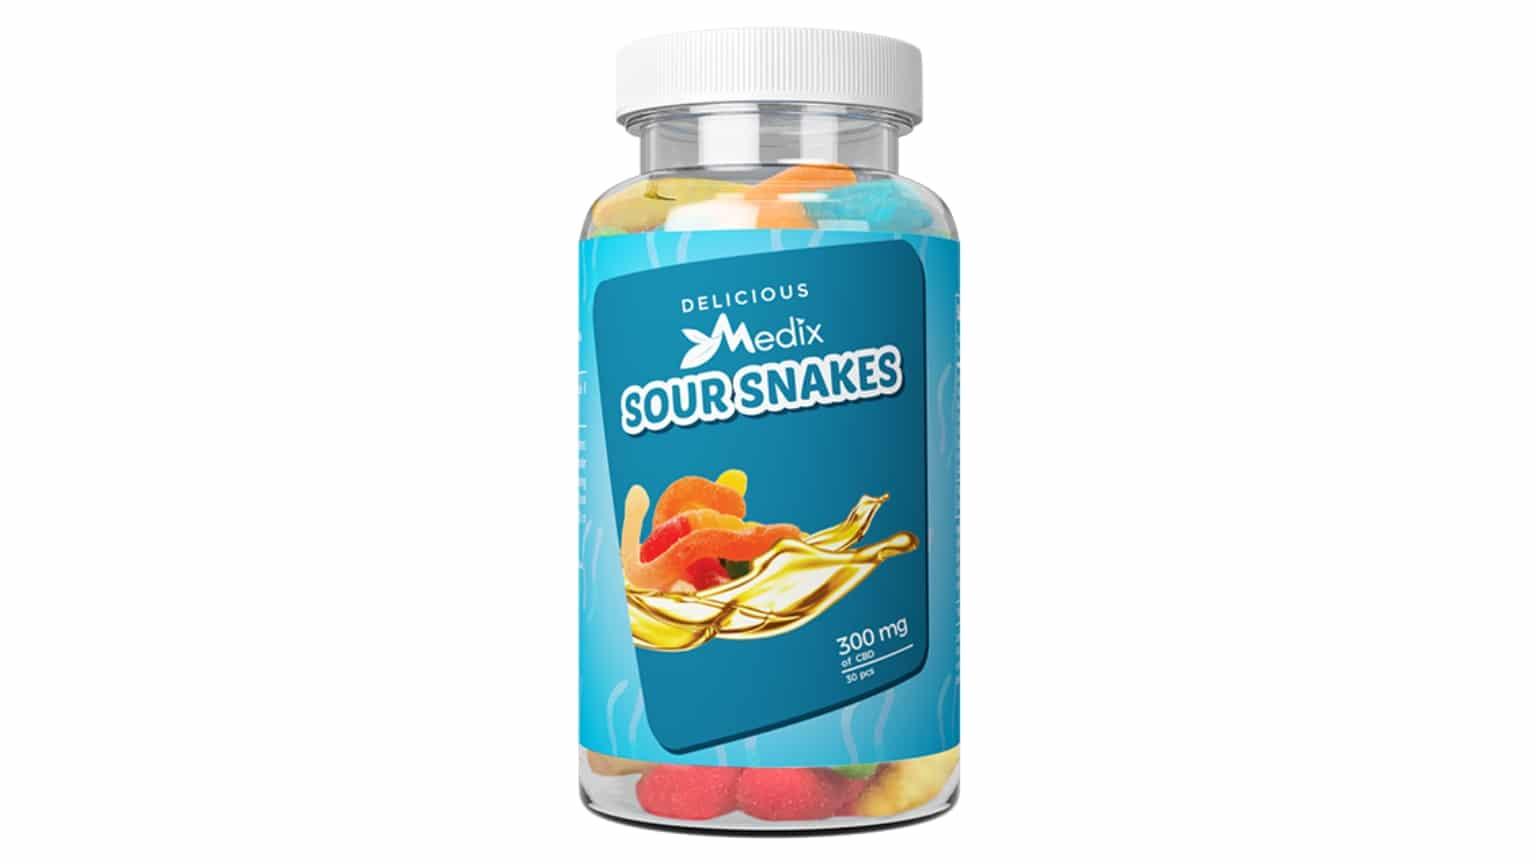 medix-sour-snakes-cbd-gummies